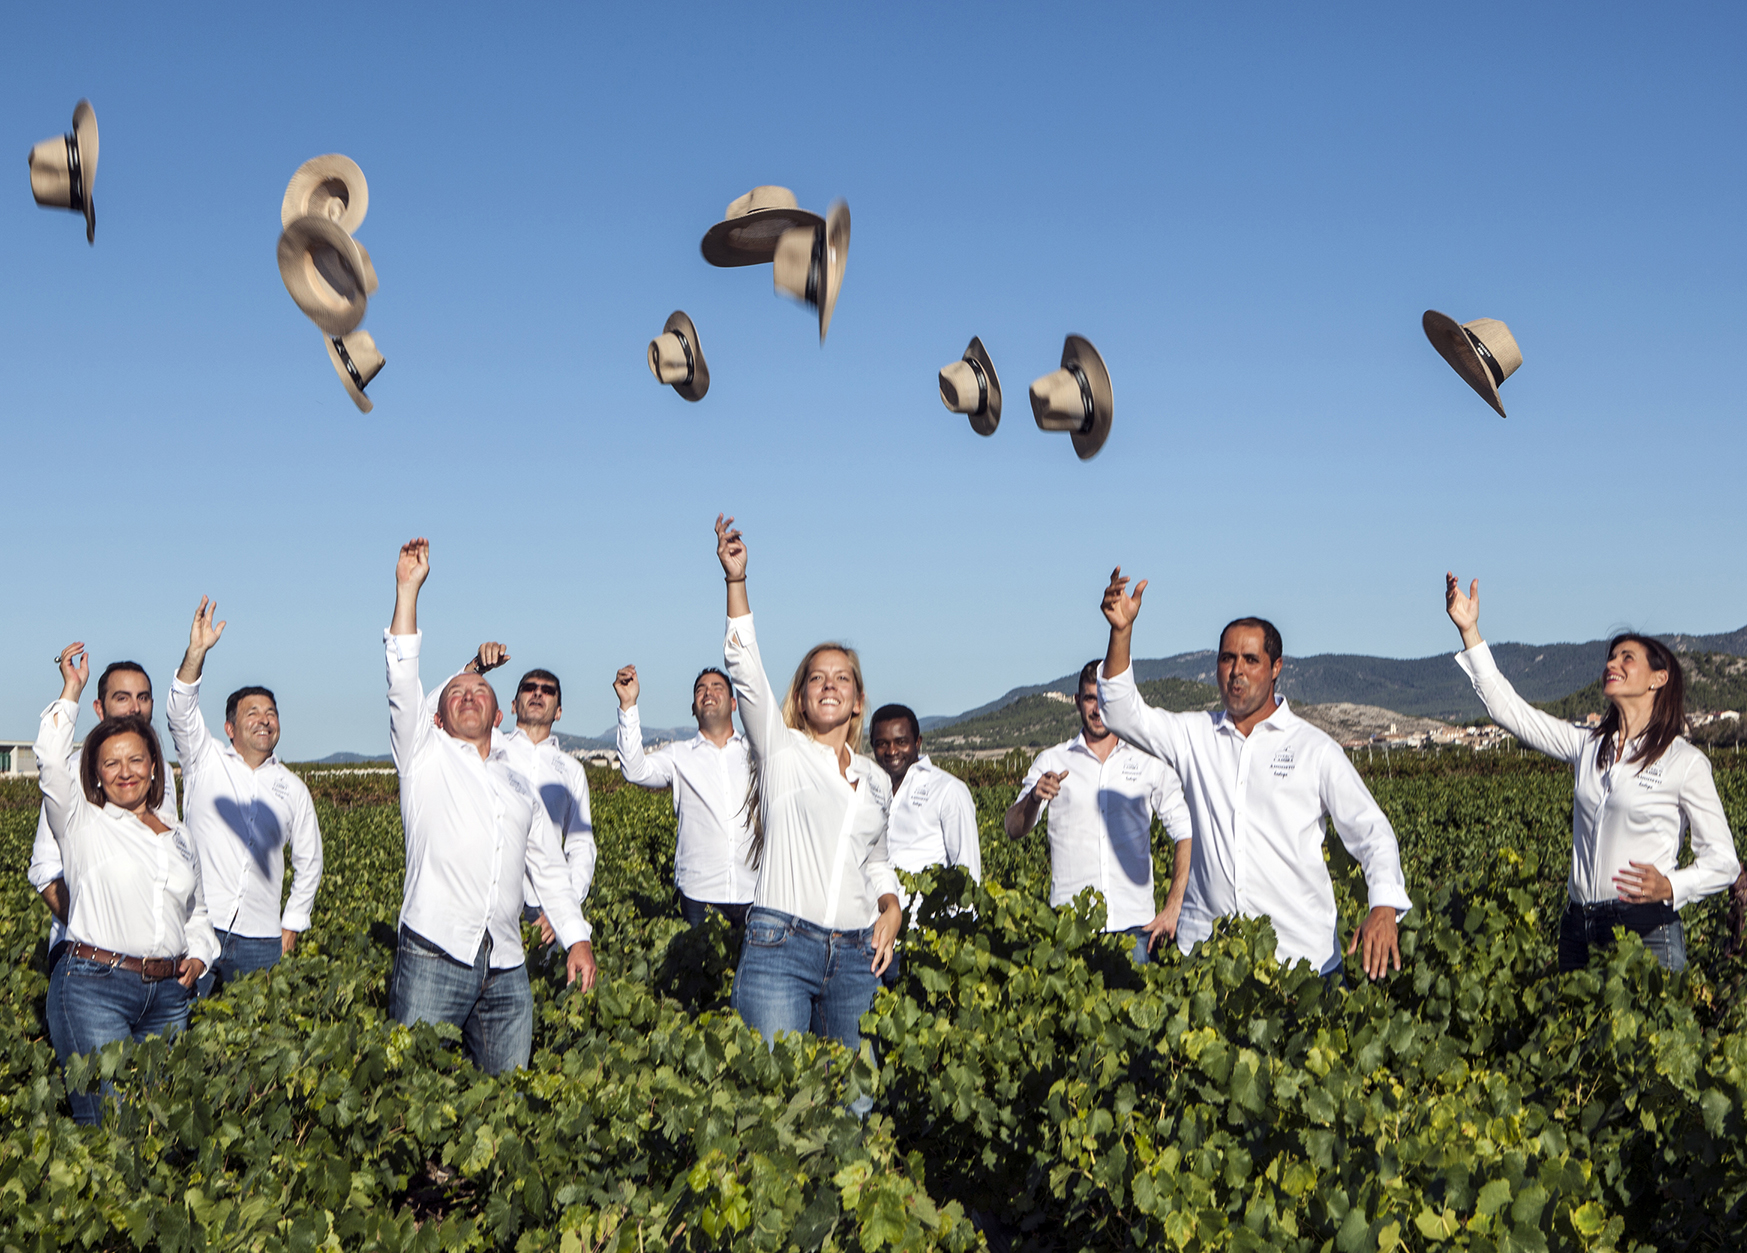 Crean un vino solidario con la investigación del cáncer El Periòdic d'Ontinyent